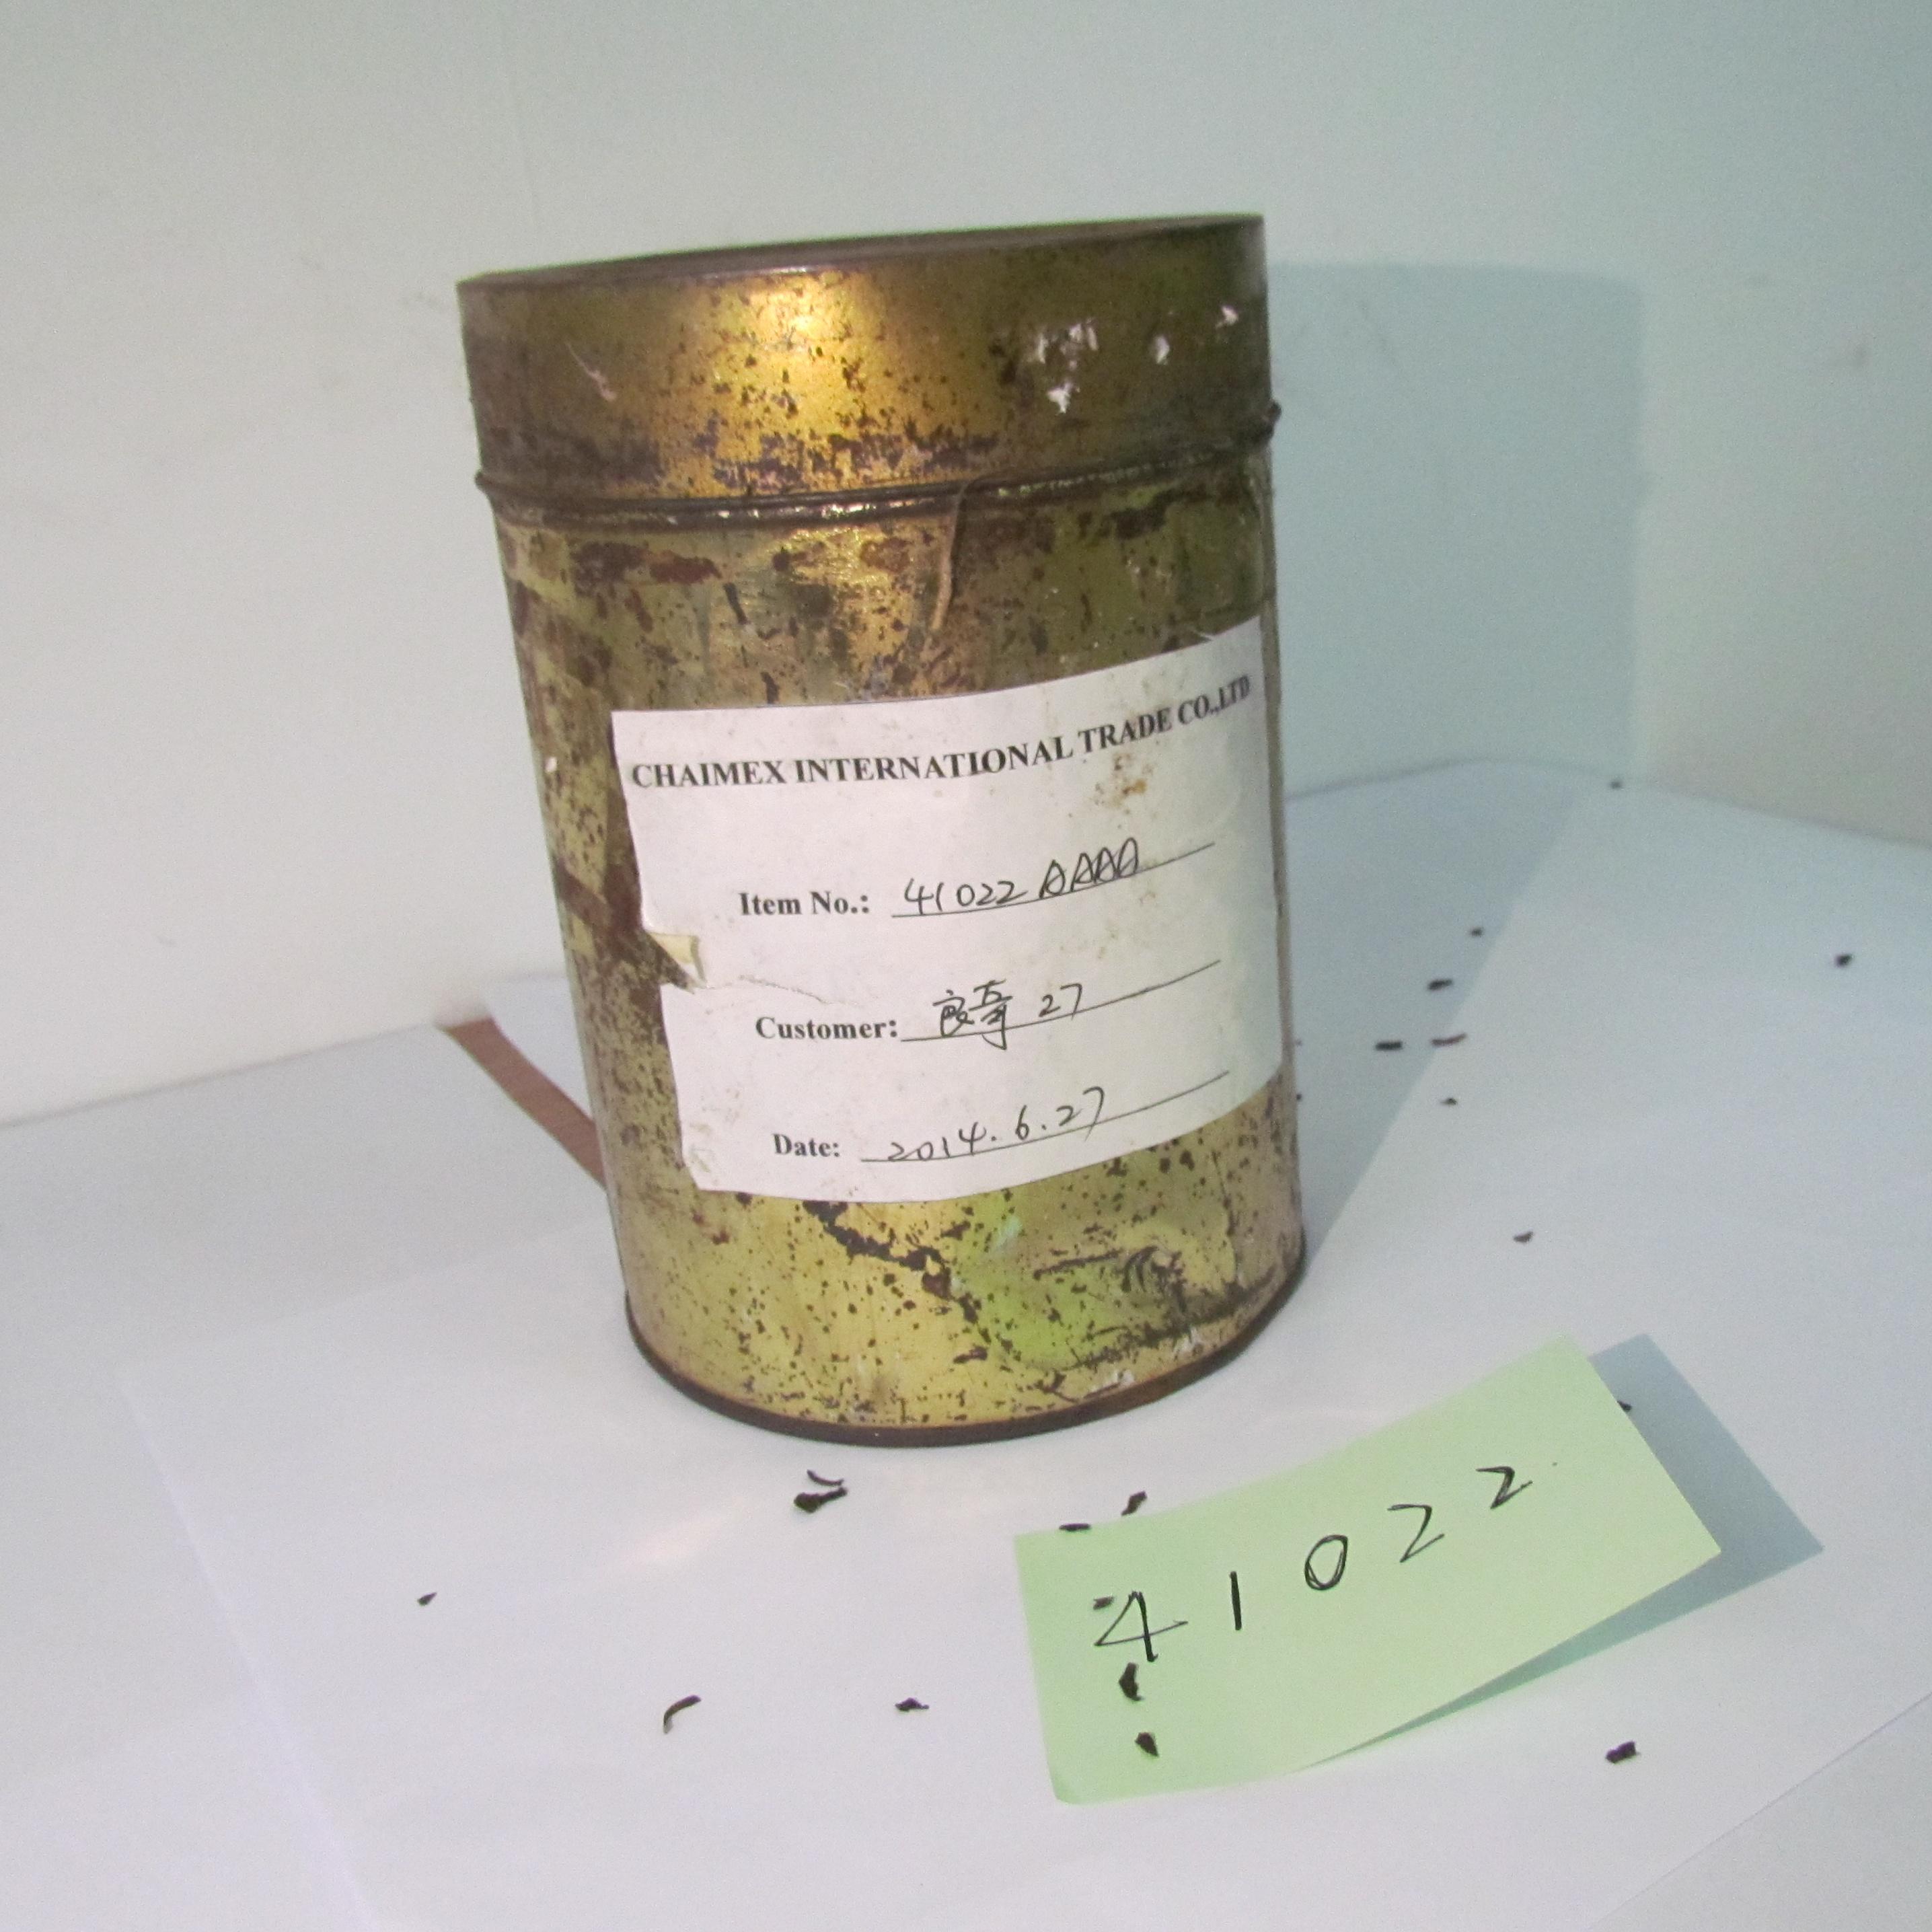 41022AAAAA loose leaf tea chunmee green tea FOR maroc - 4uTea | 4uTea.com